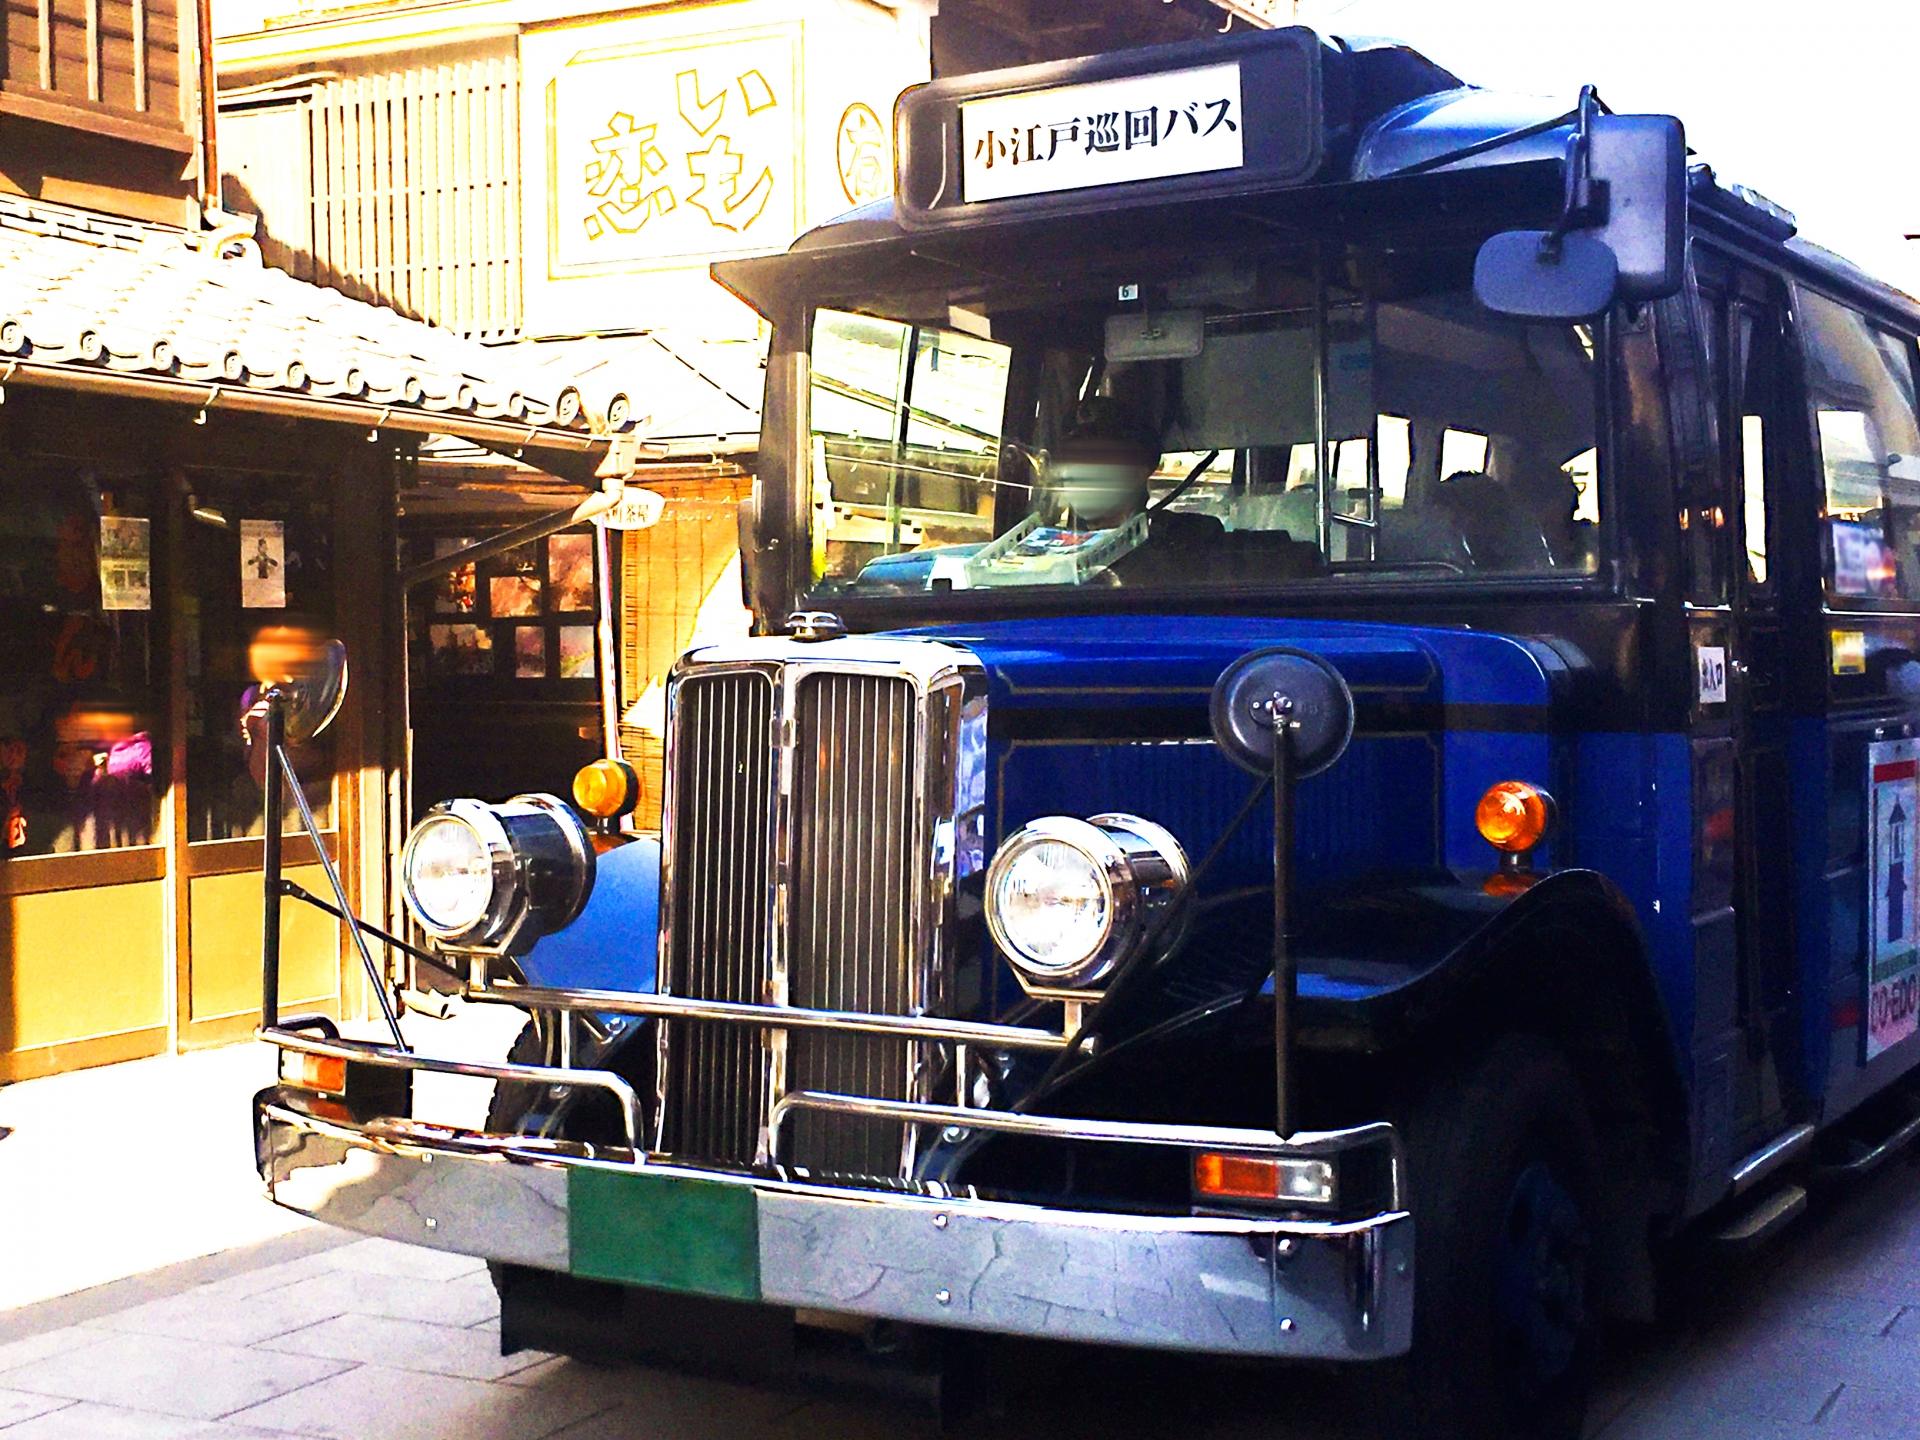 川越観光にはバスの一日乗車券を使おう!買い方や割引を解説